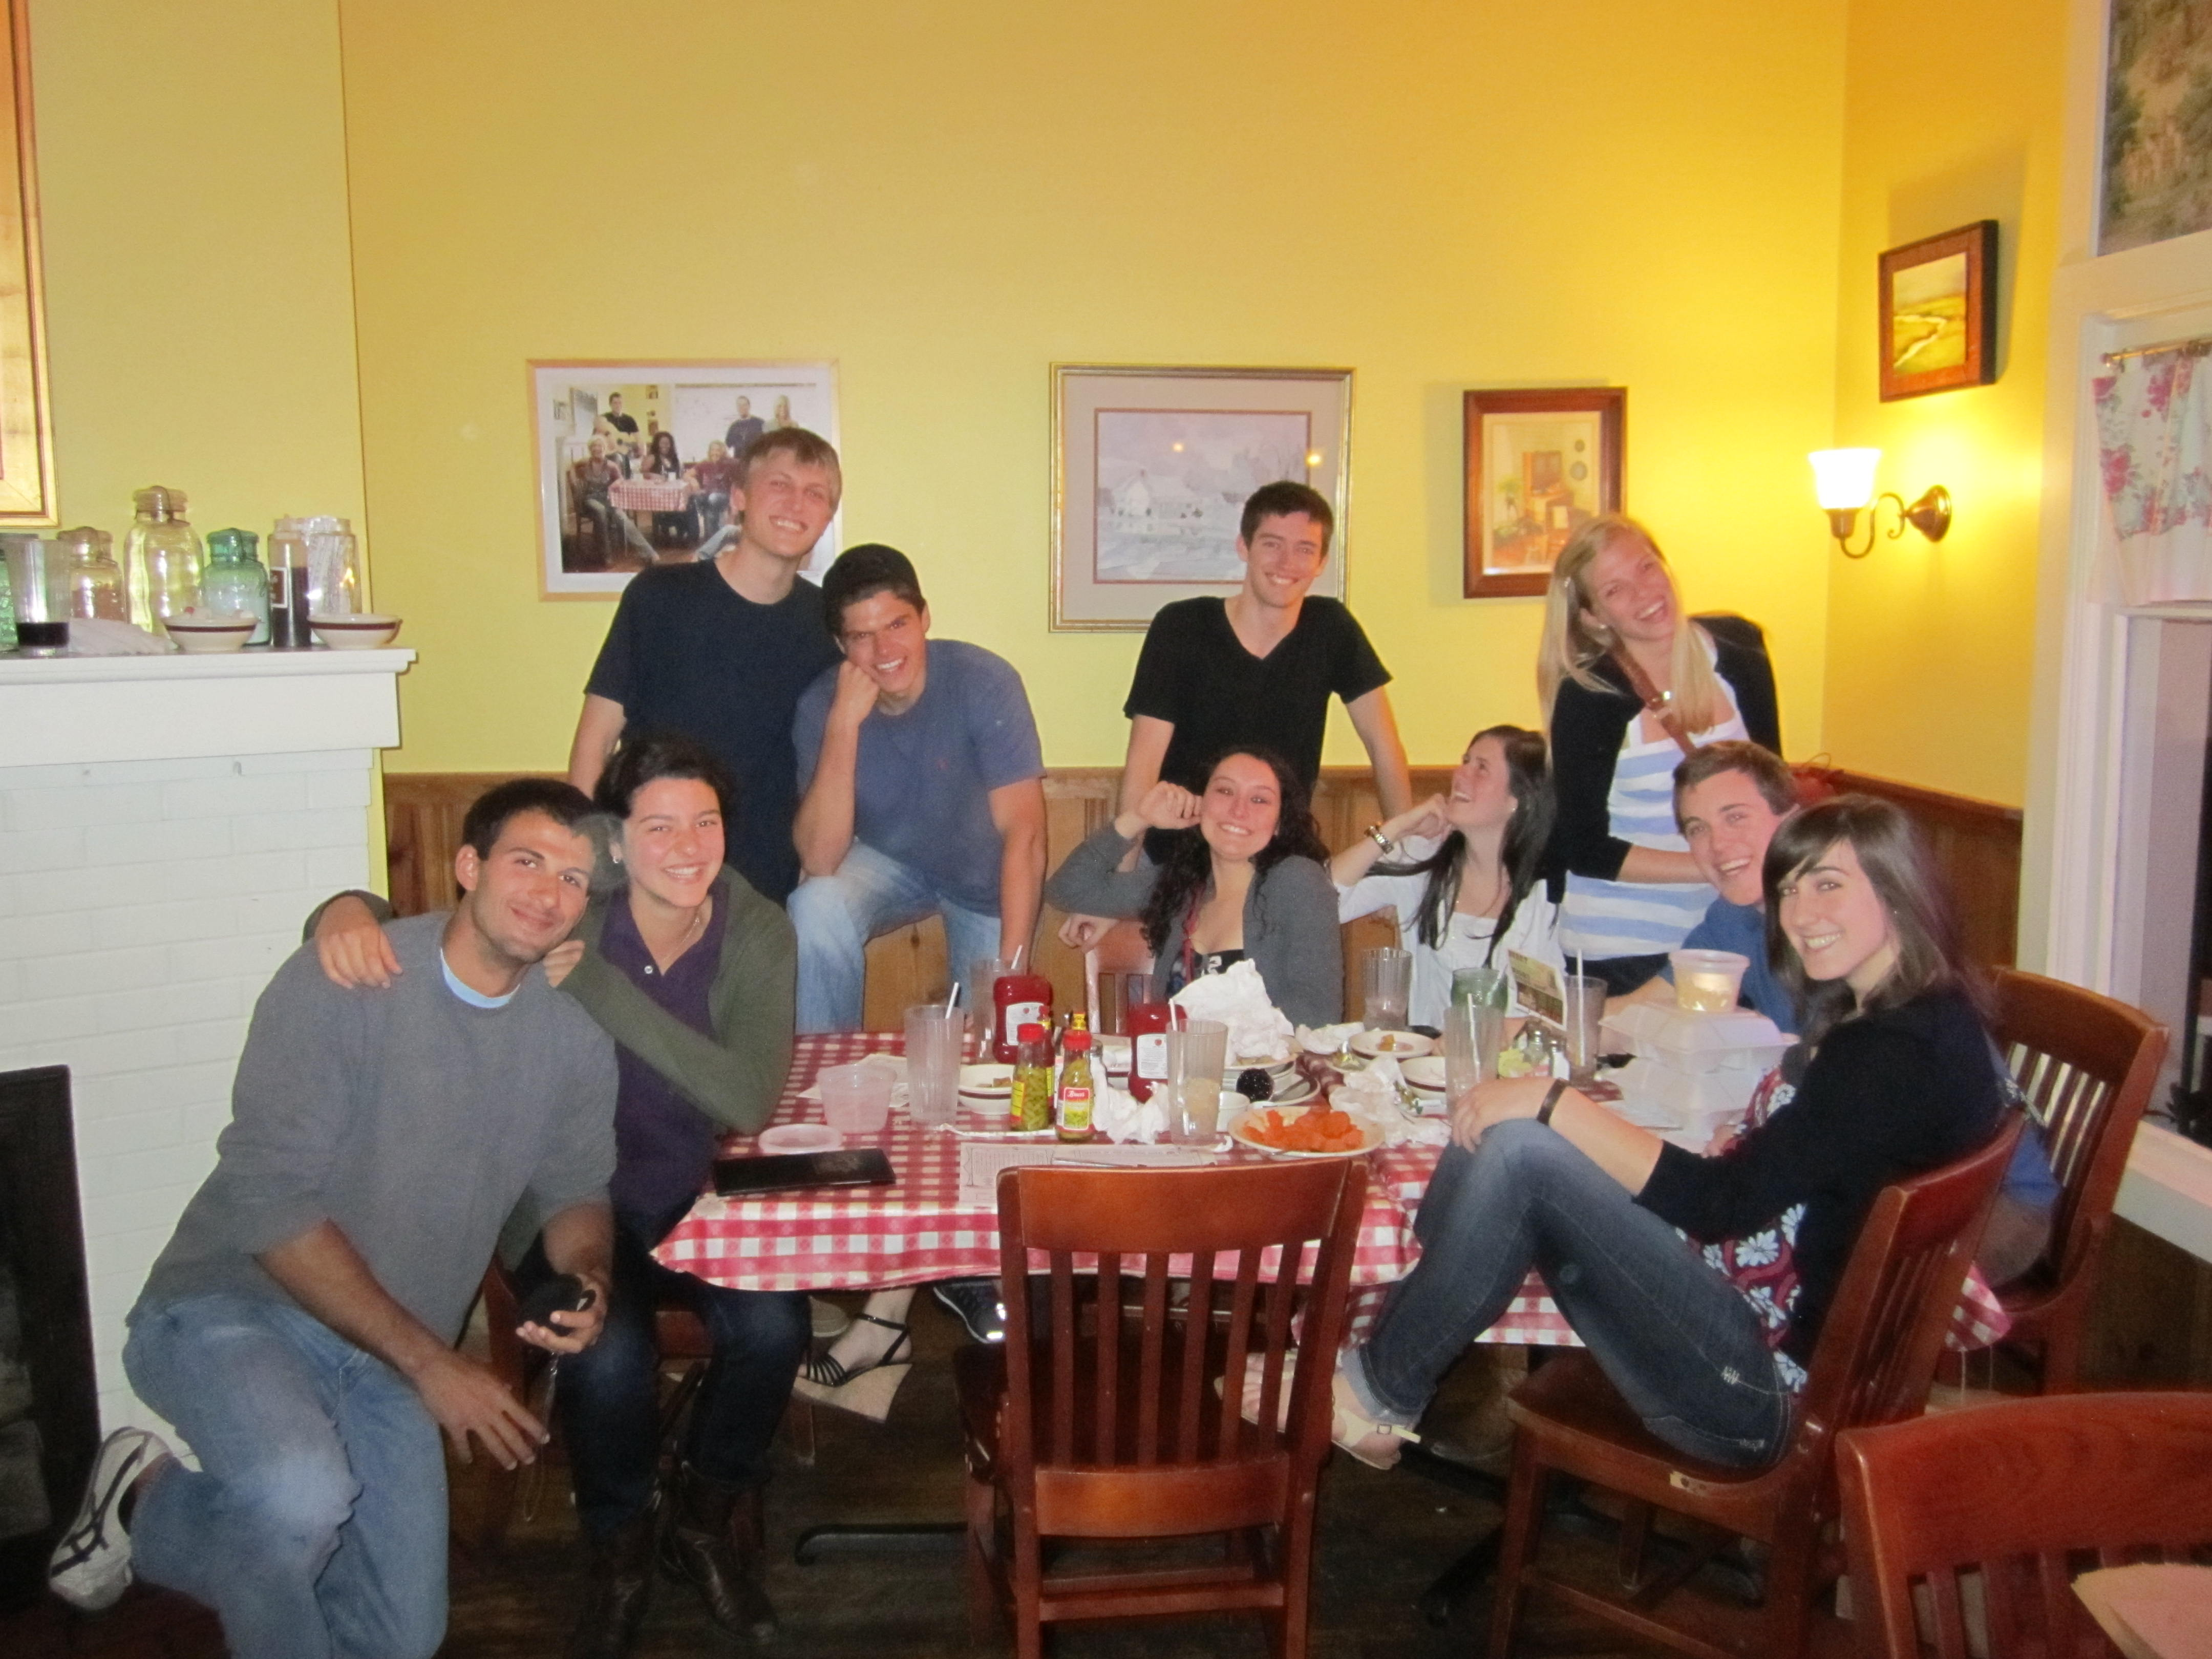 Vanderbilt Family Loveless Cafe | Inside...